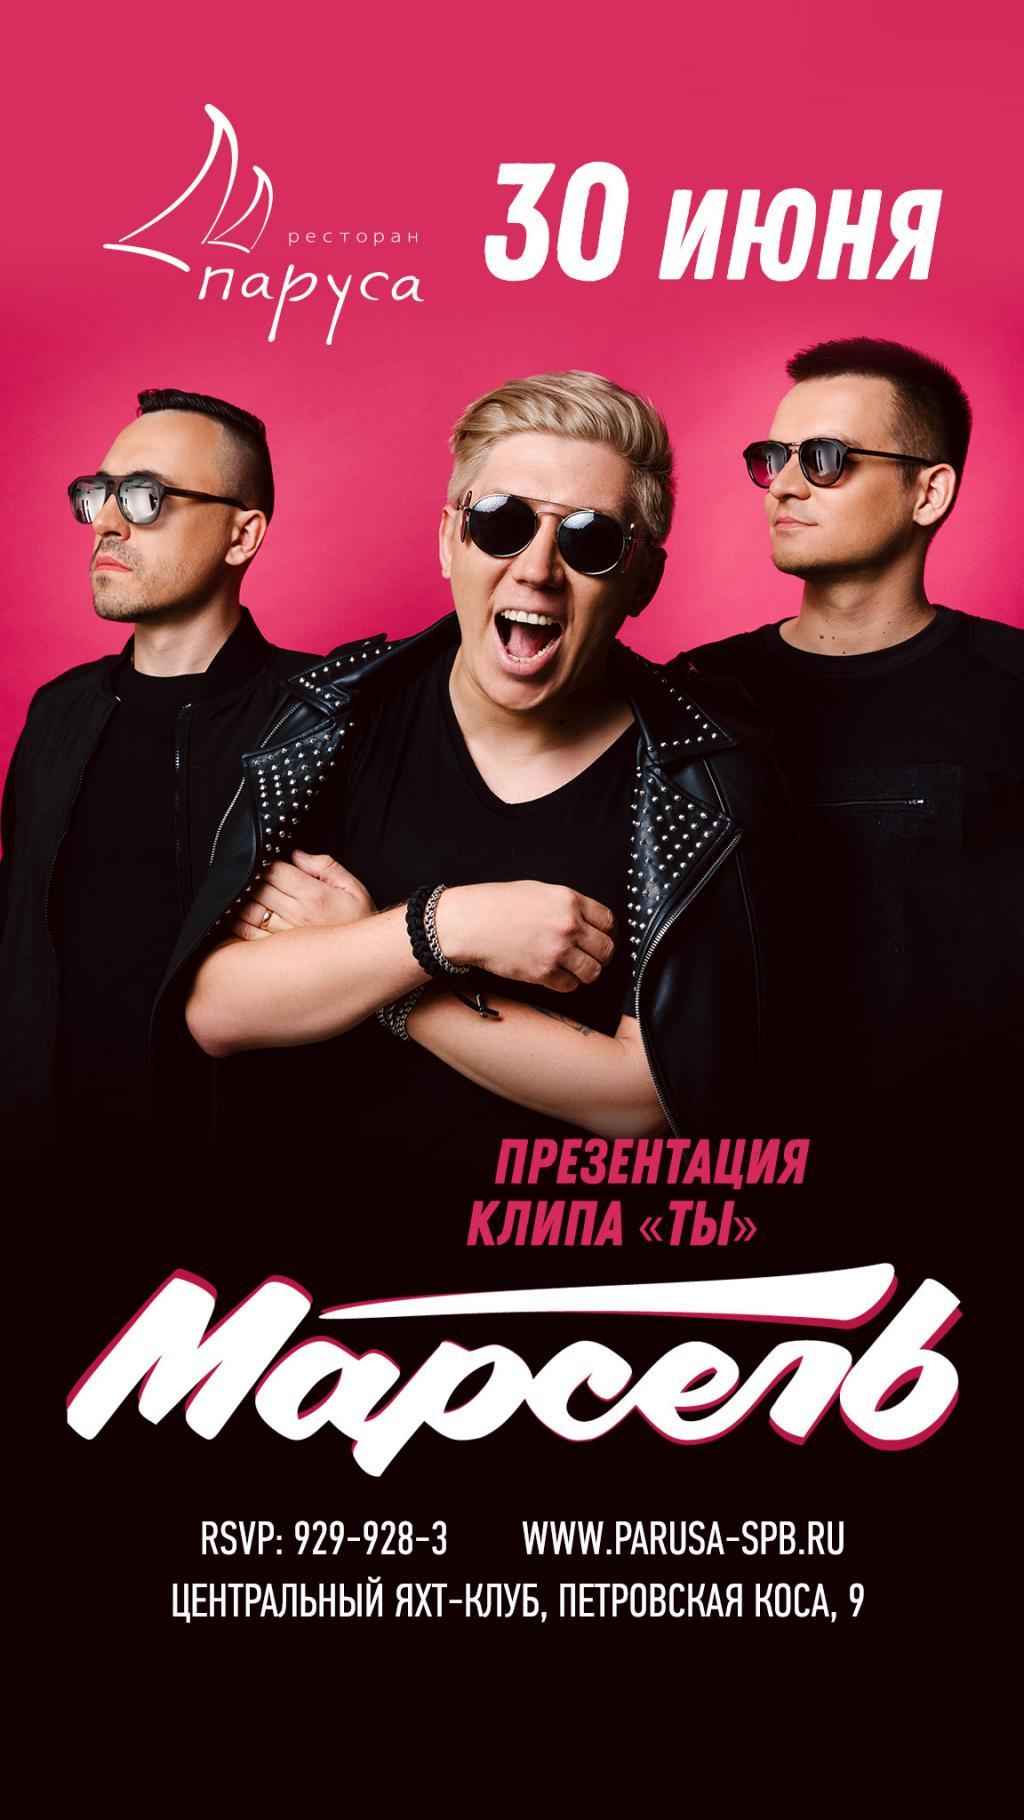 Презентация нового клипа группы «Марсель» в Парусах!